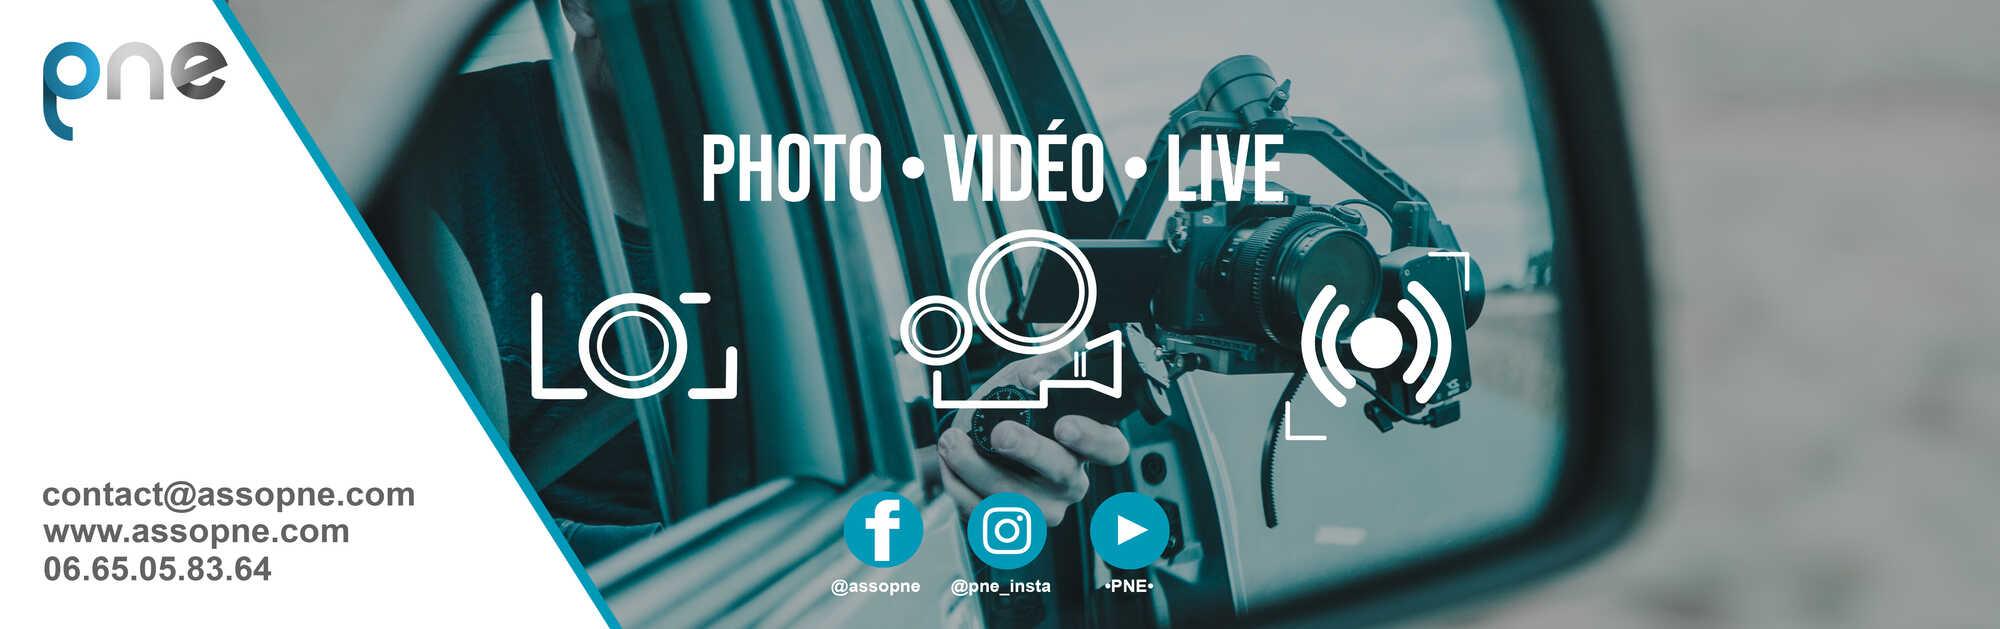 pne : Photo • Vidéo • Live